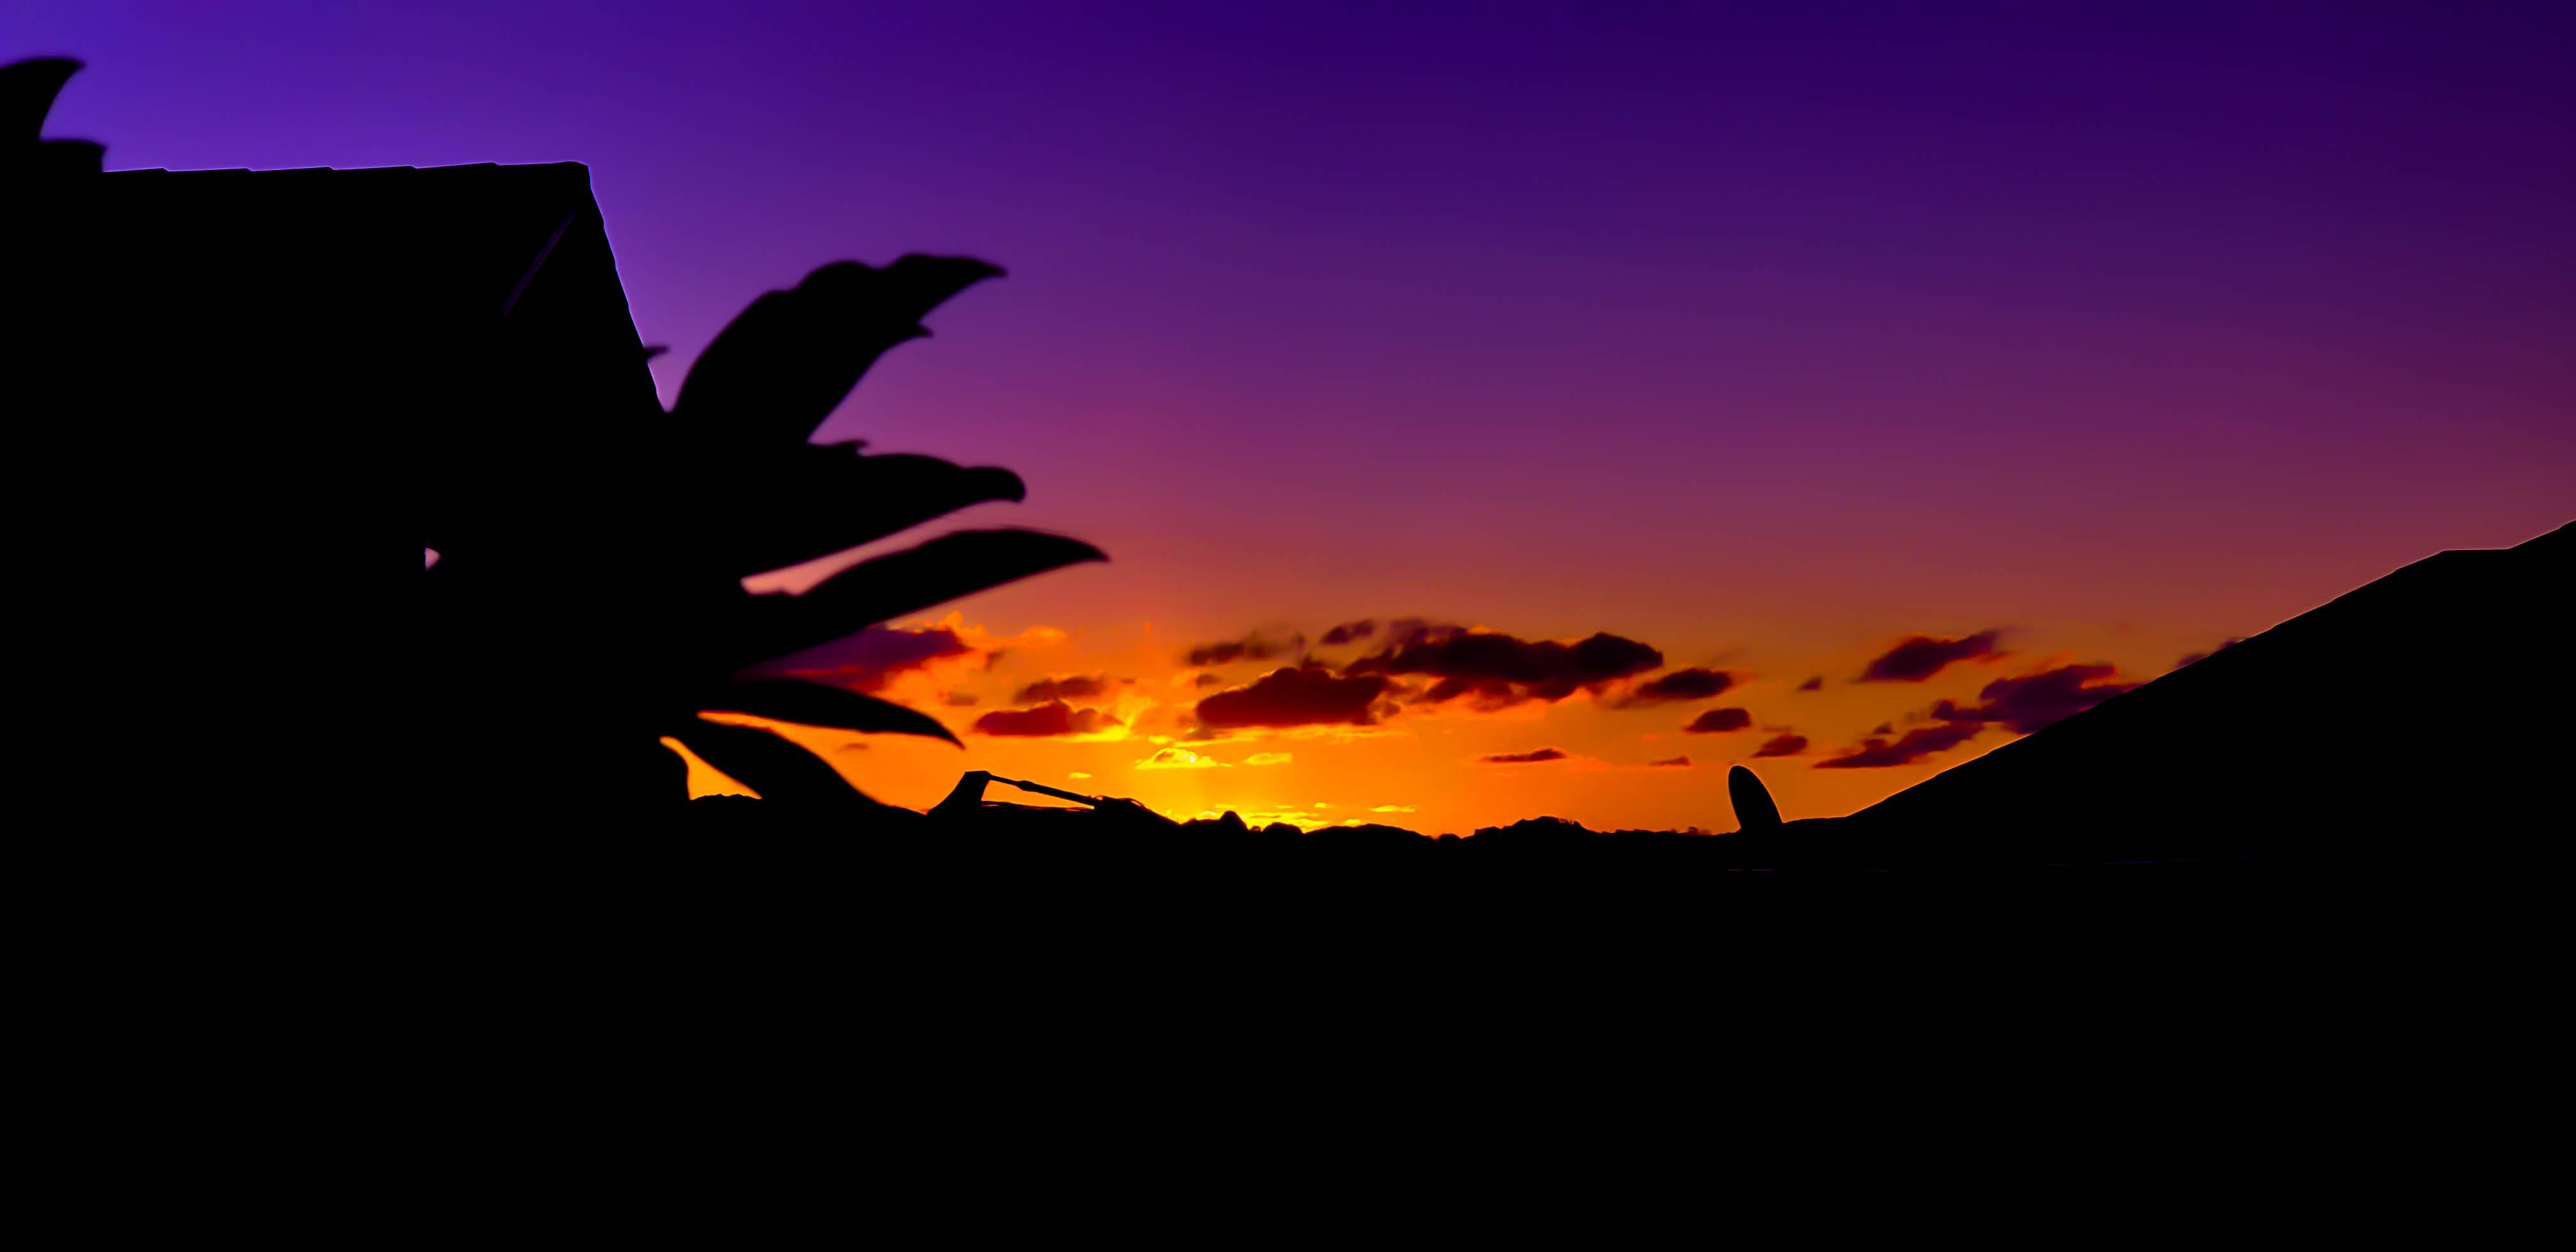 Purple Sunset Wallpaper - Purple Orange Wallpaper 4k - HD Wallpaper